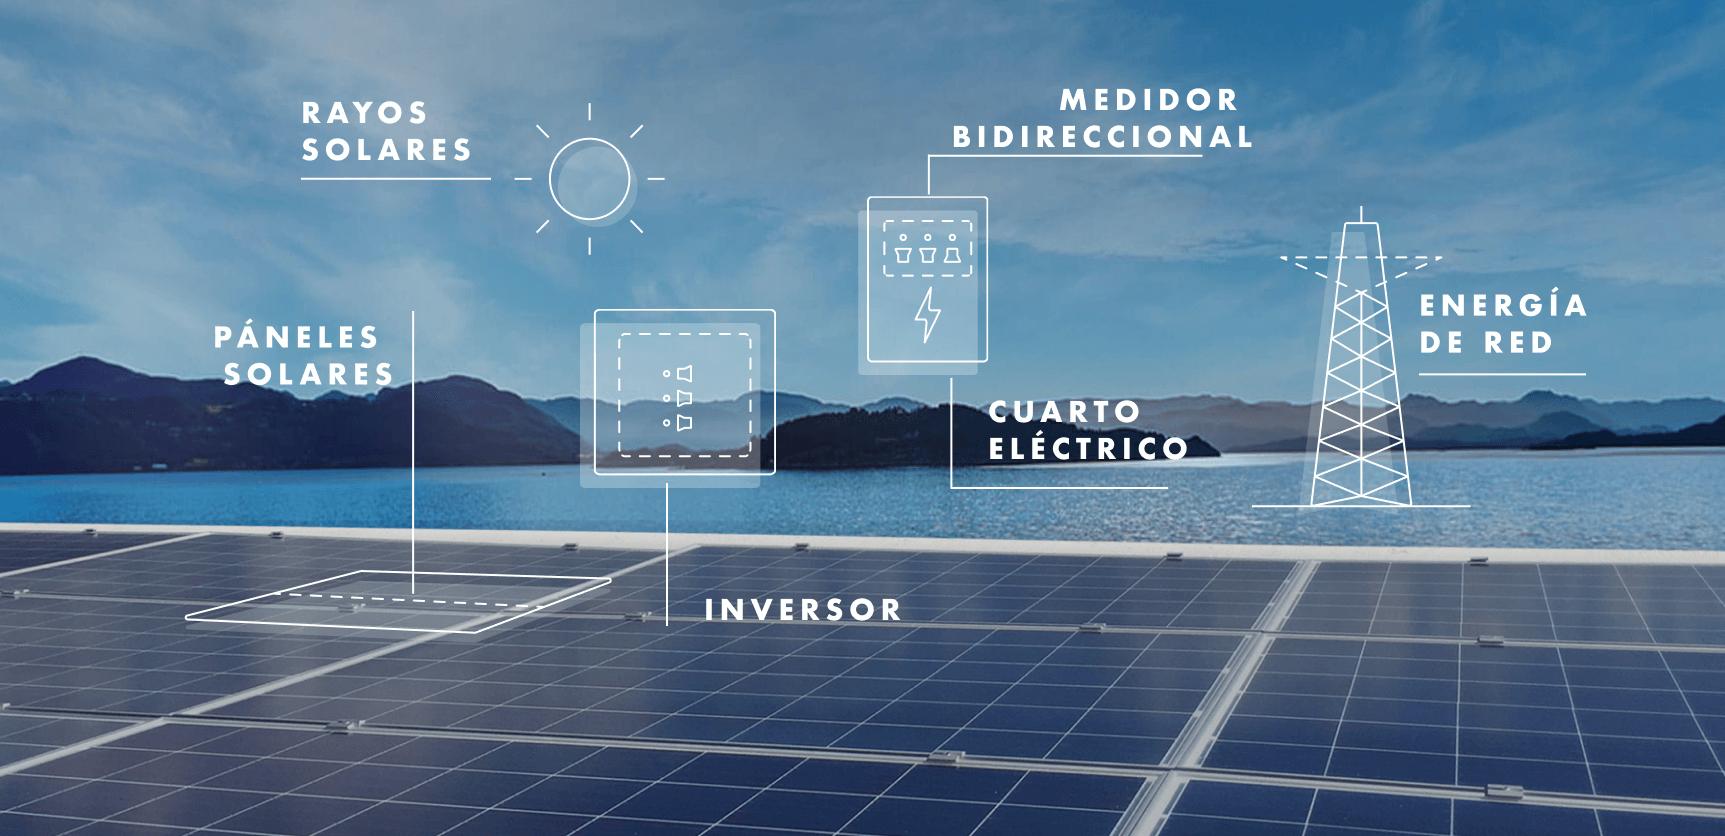 Modelo de funcionamiento de un pánel solar